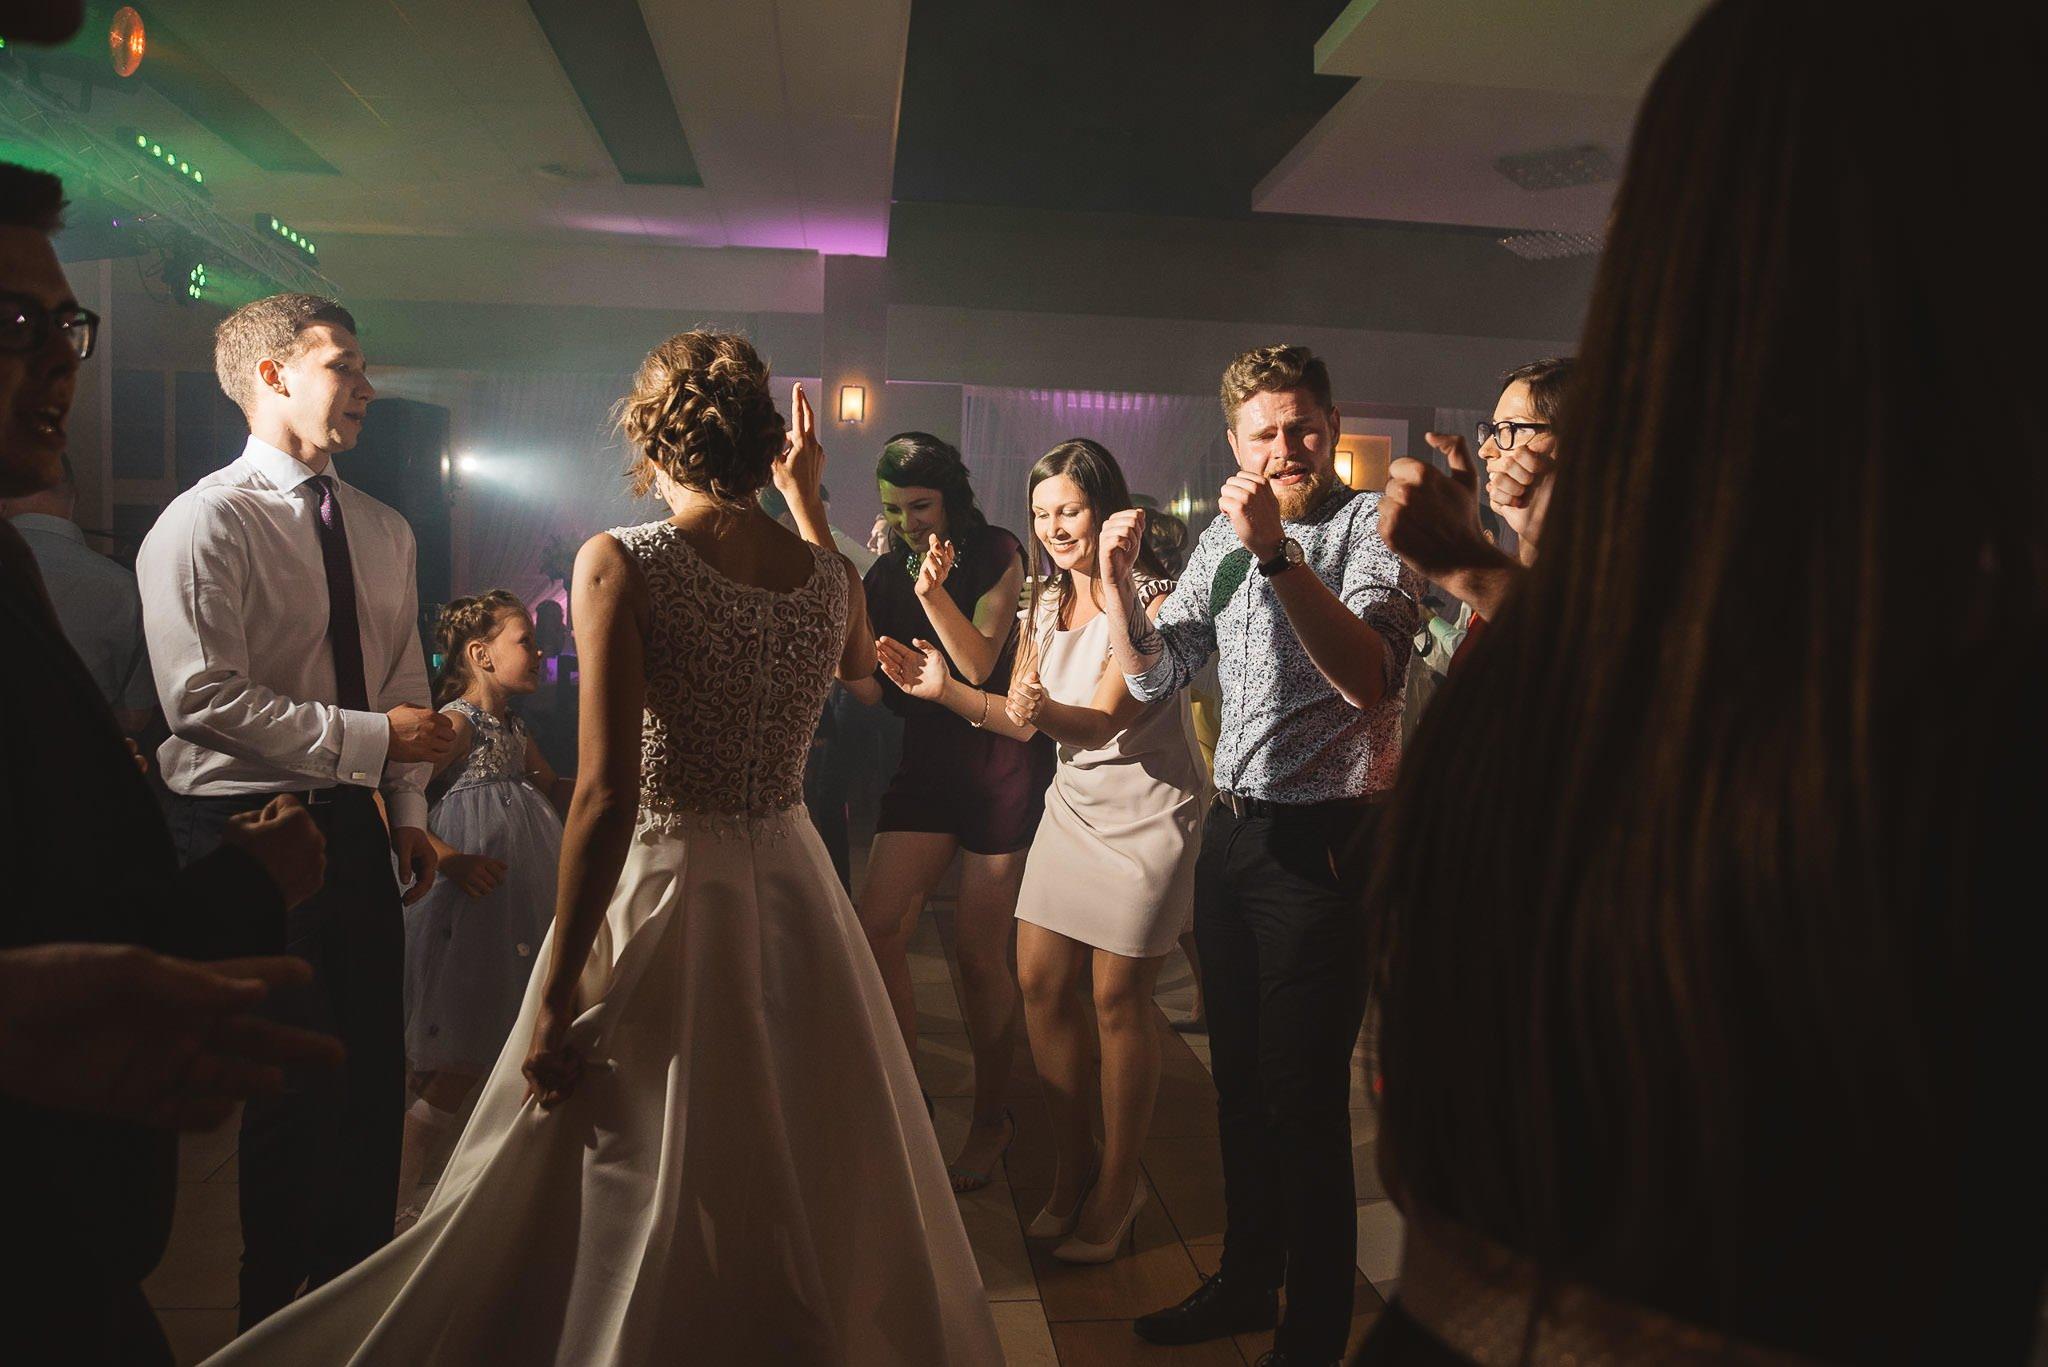 Monika i Michał, wesele w Paryżu i sesja plenerowa w stadninie koni w Czołowie 220